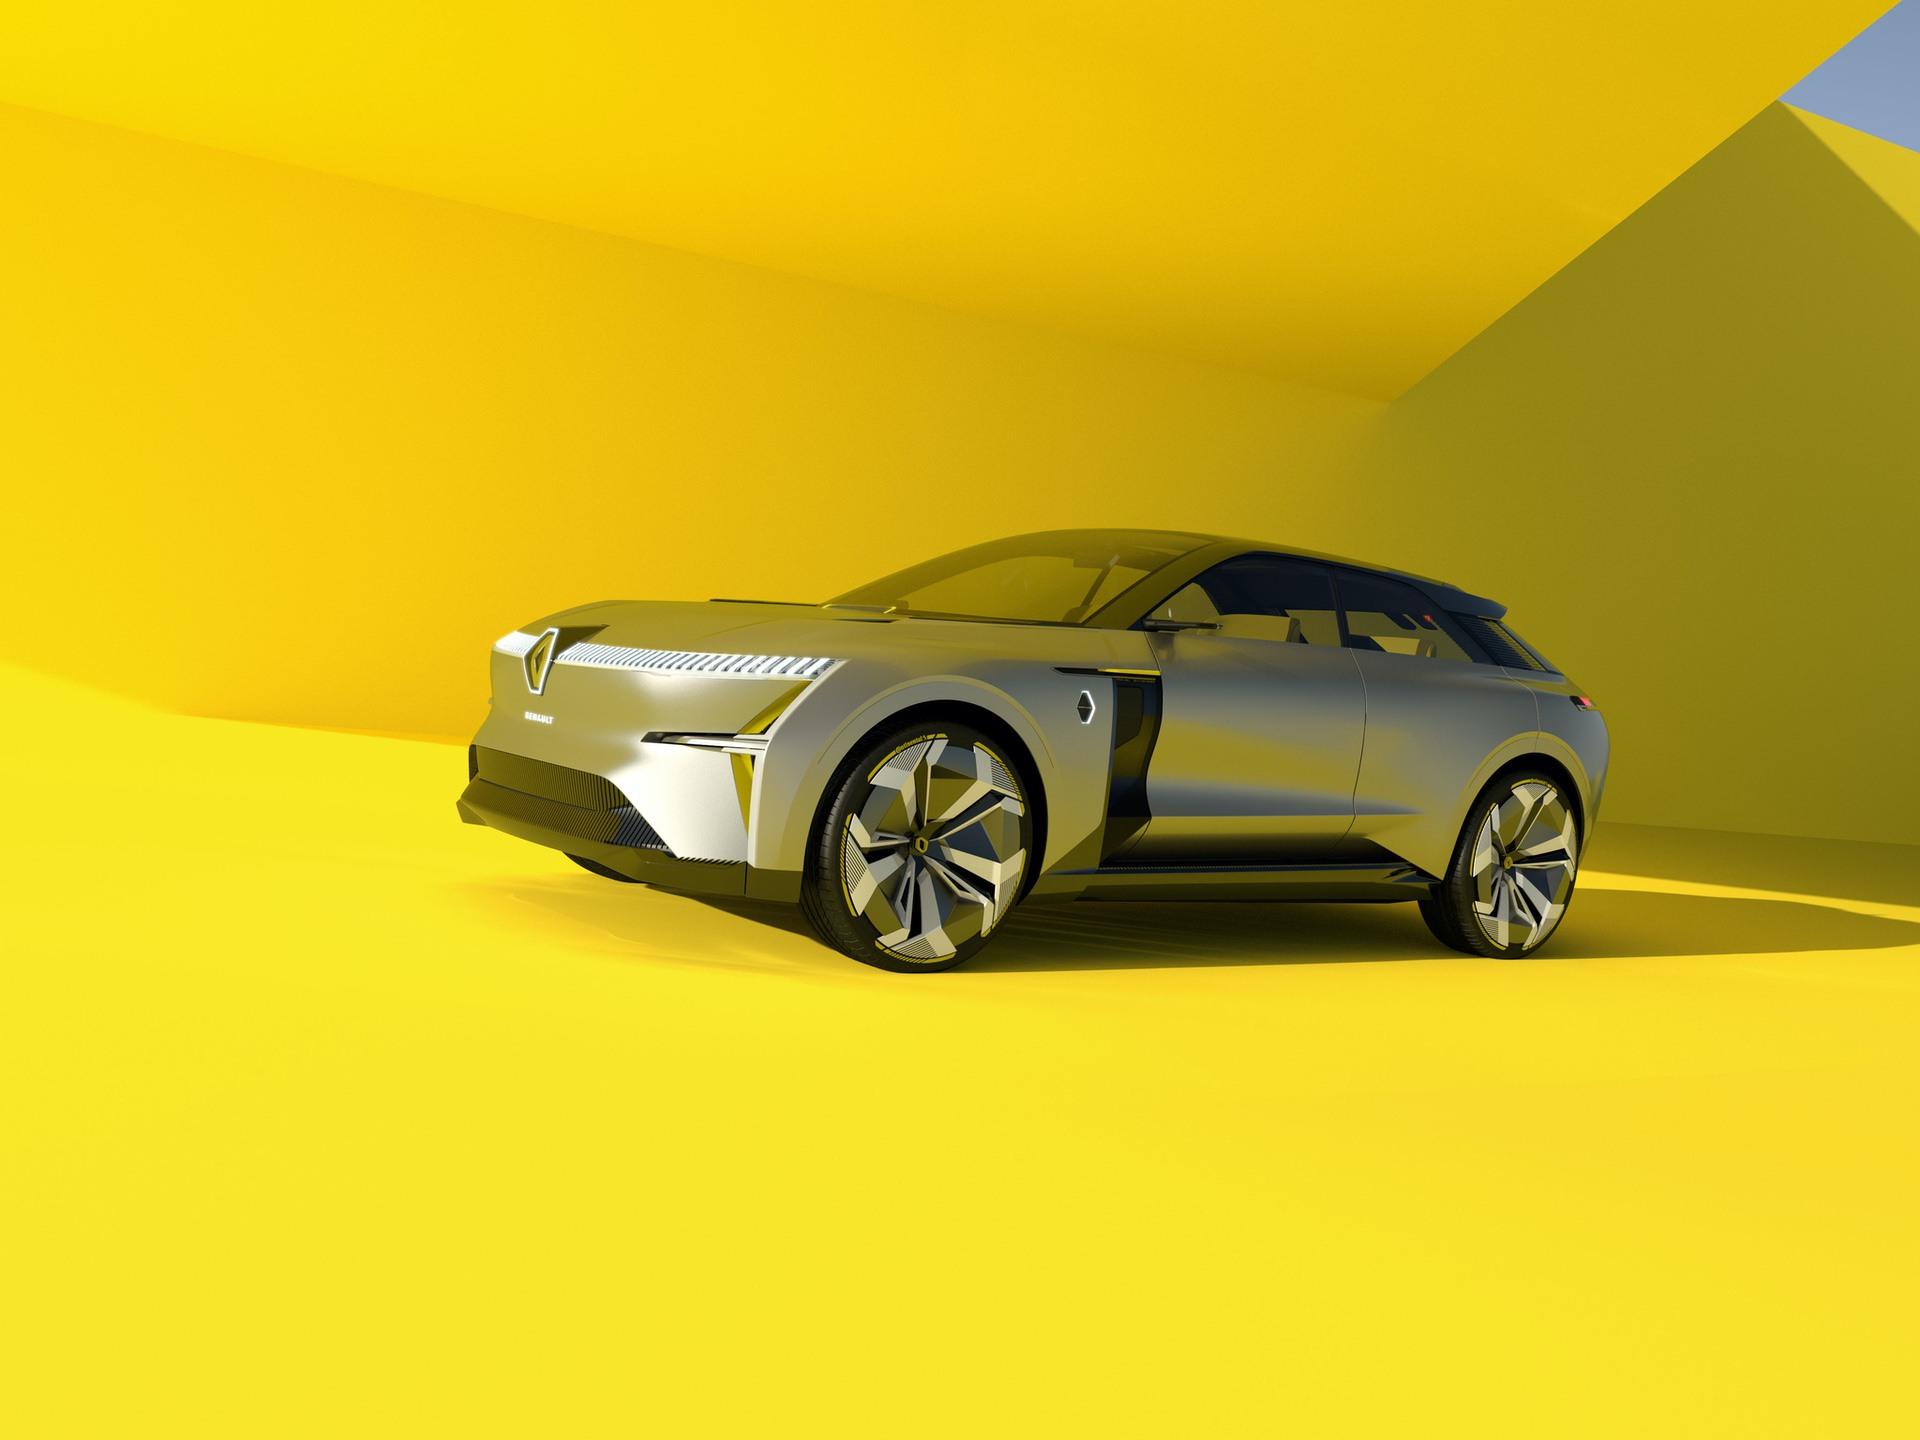 Renault_Morphoz_concept_0013